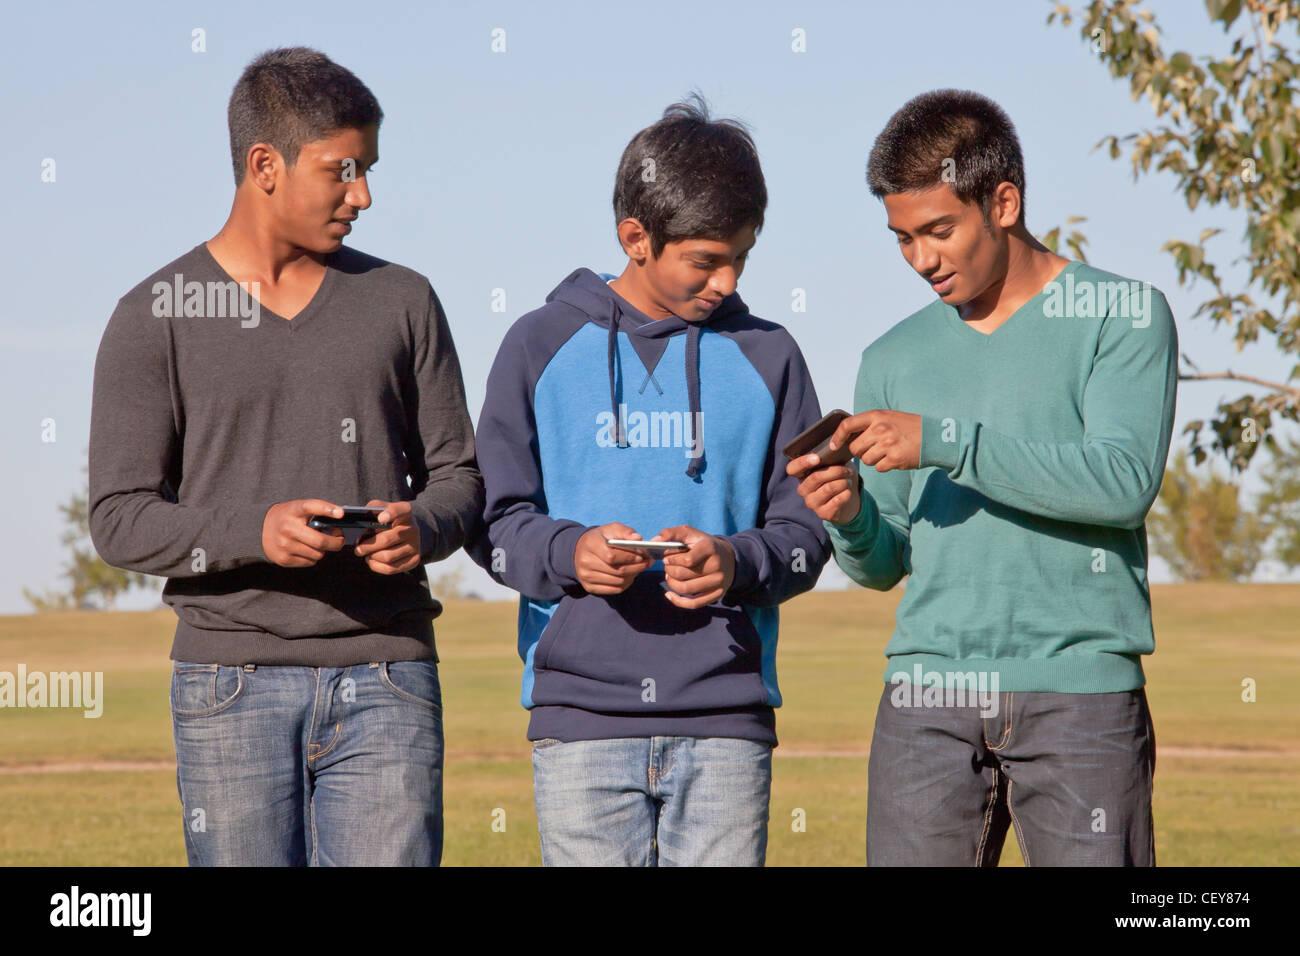 Hermanos texting y caminar a través de un parque; en Edmonton, Alberta, Canadá Foto de stock